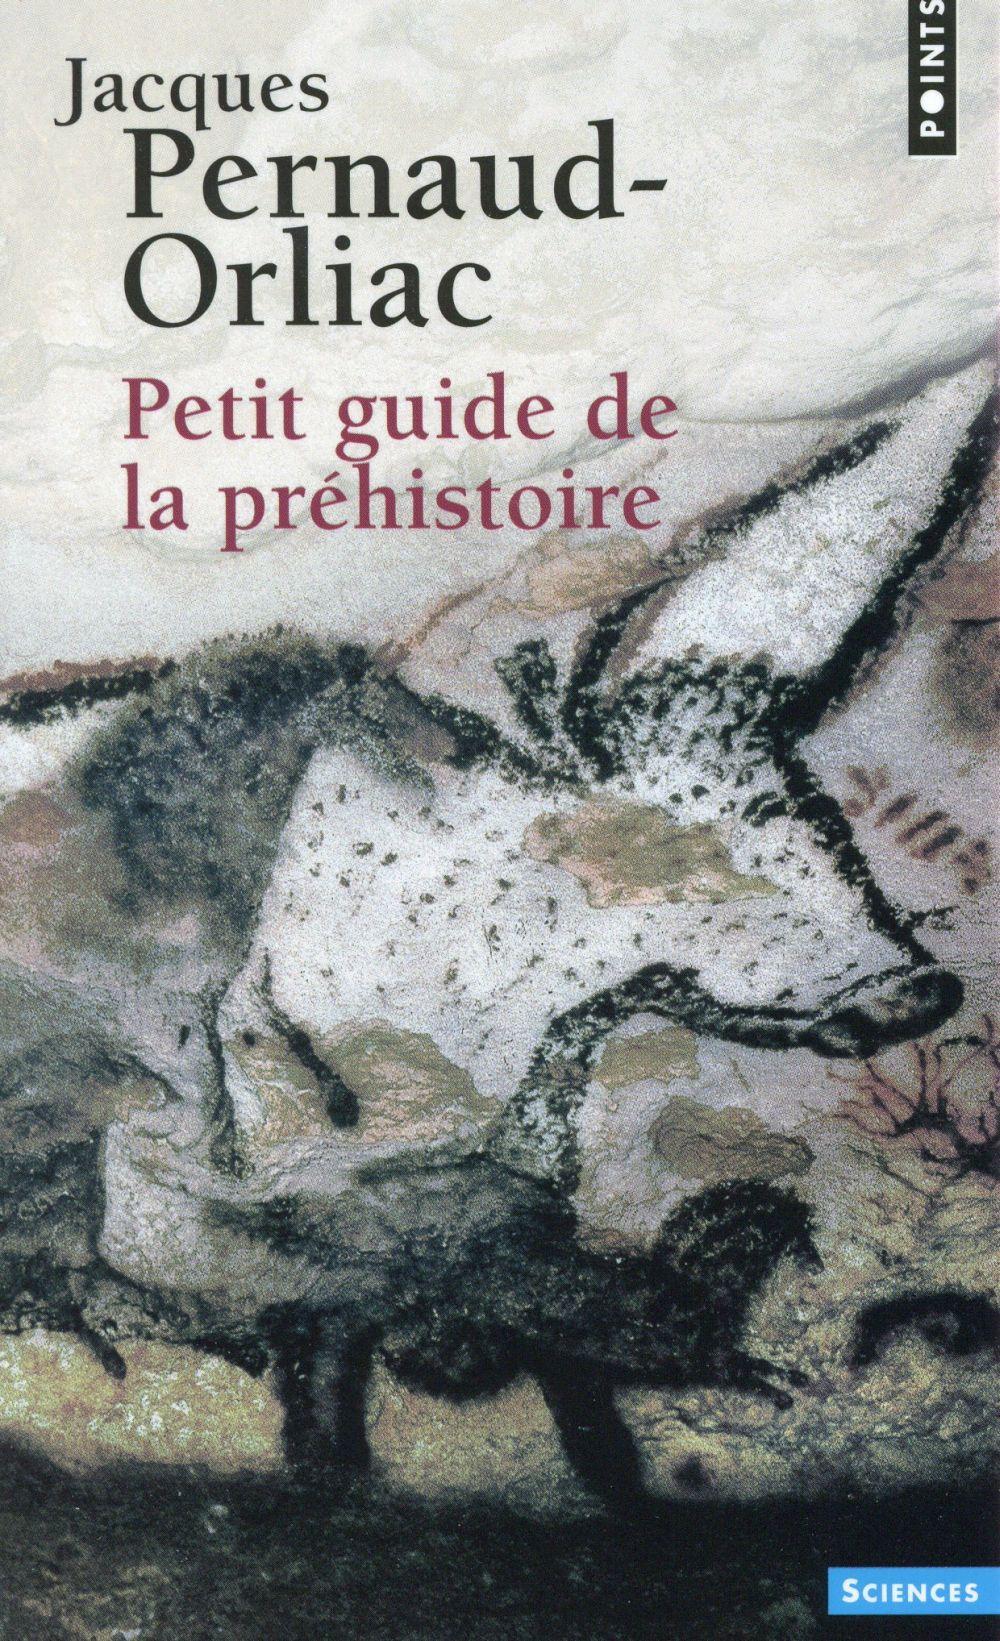 PETIT GUIDE DE LA PREHISTOIRE